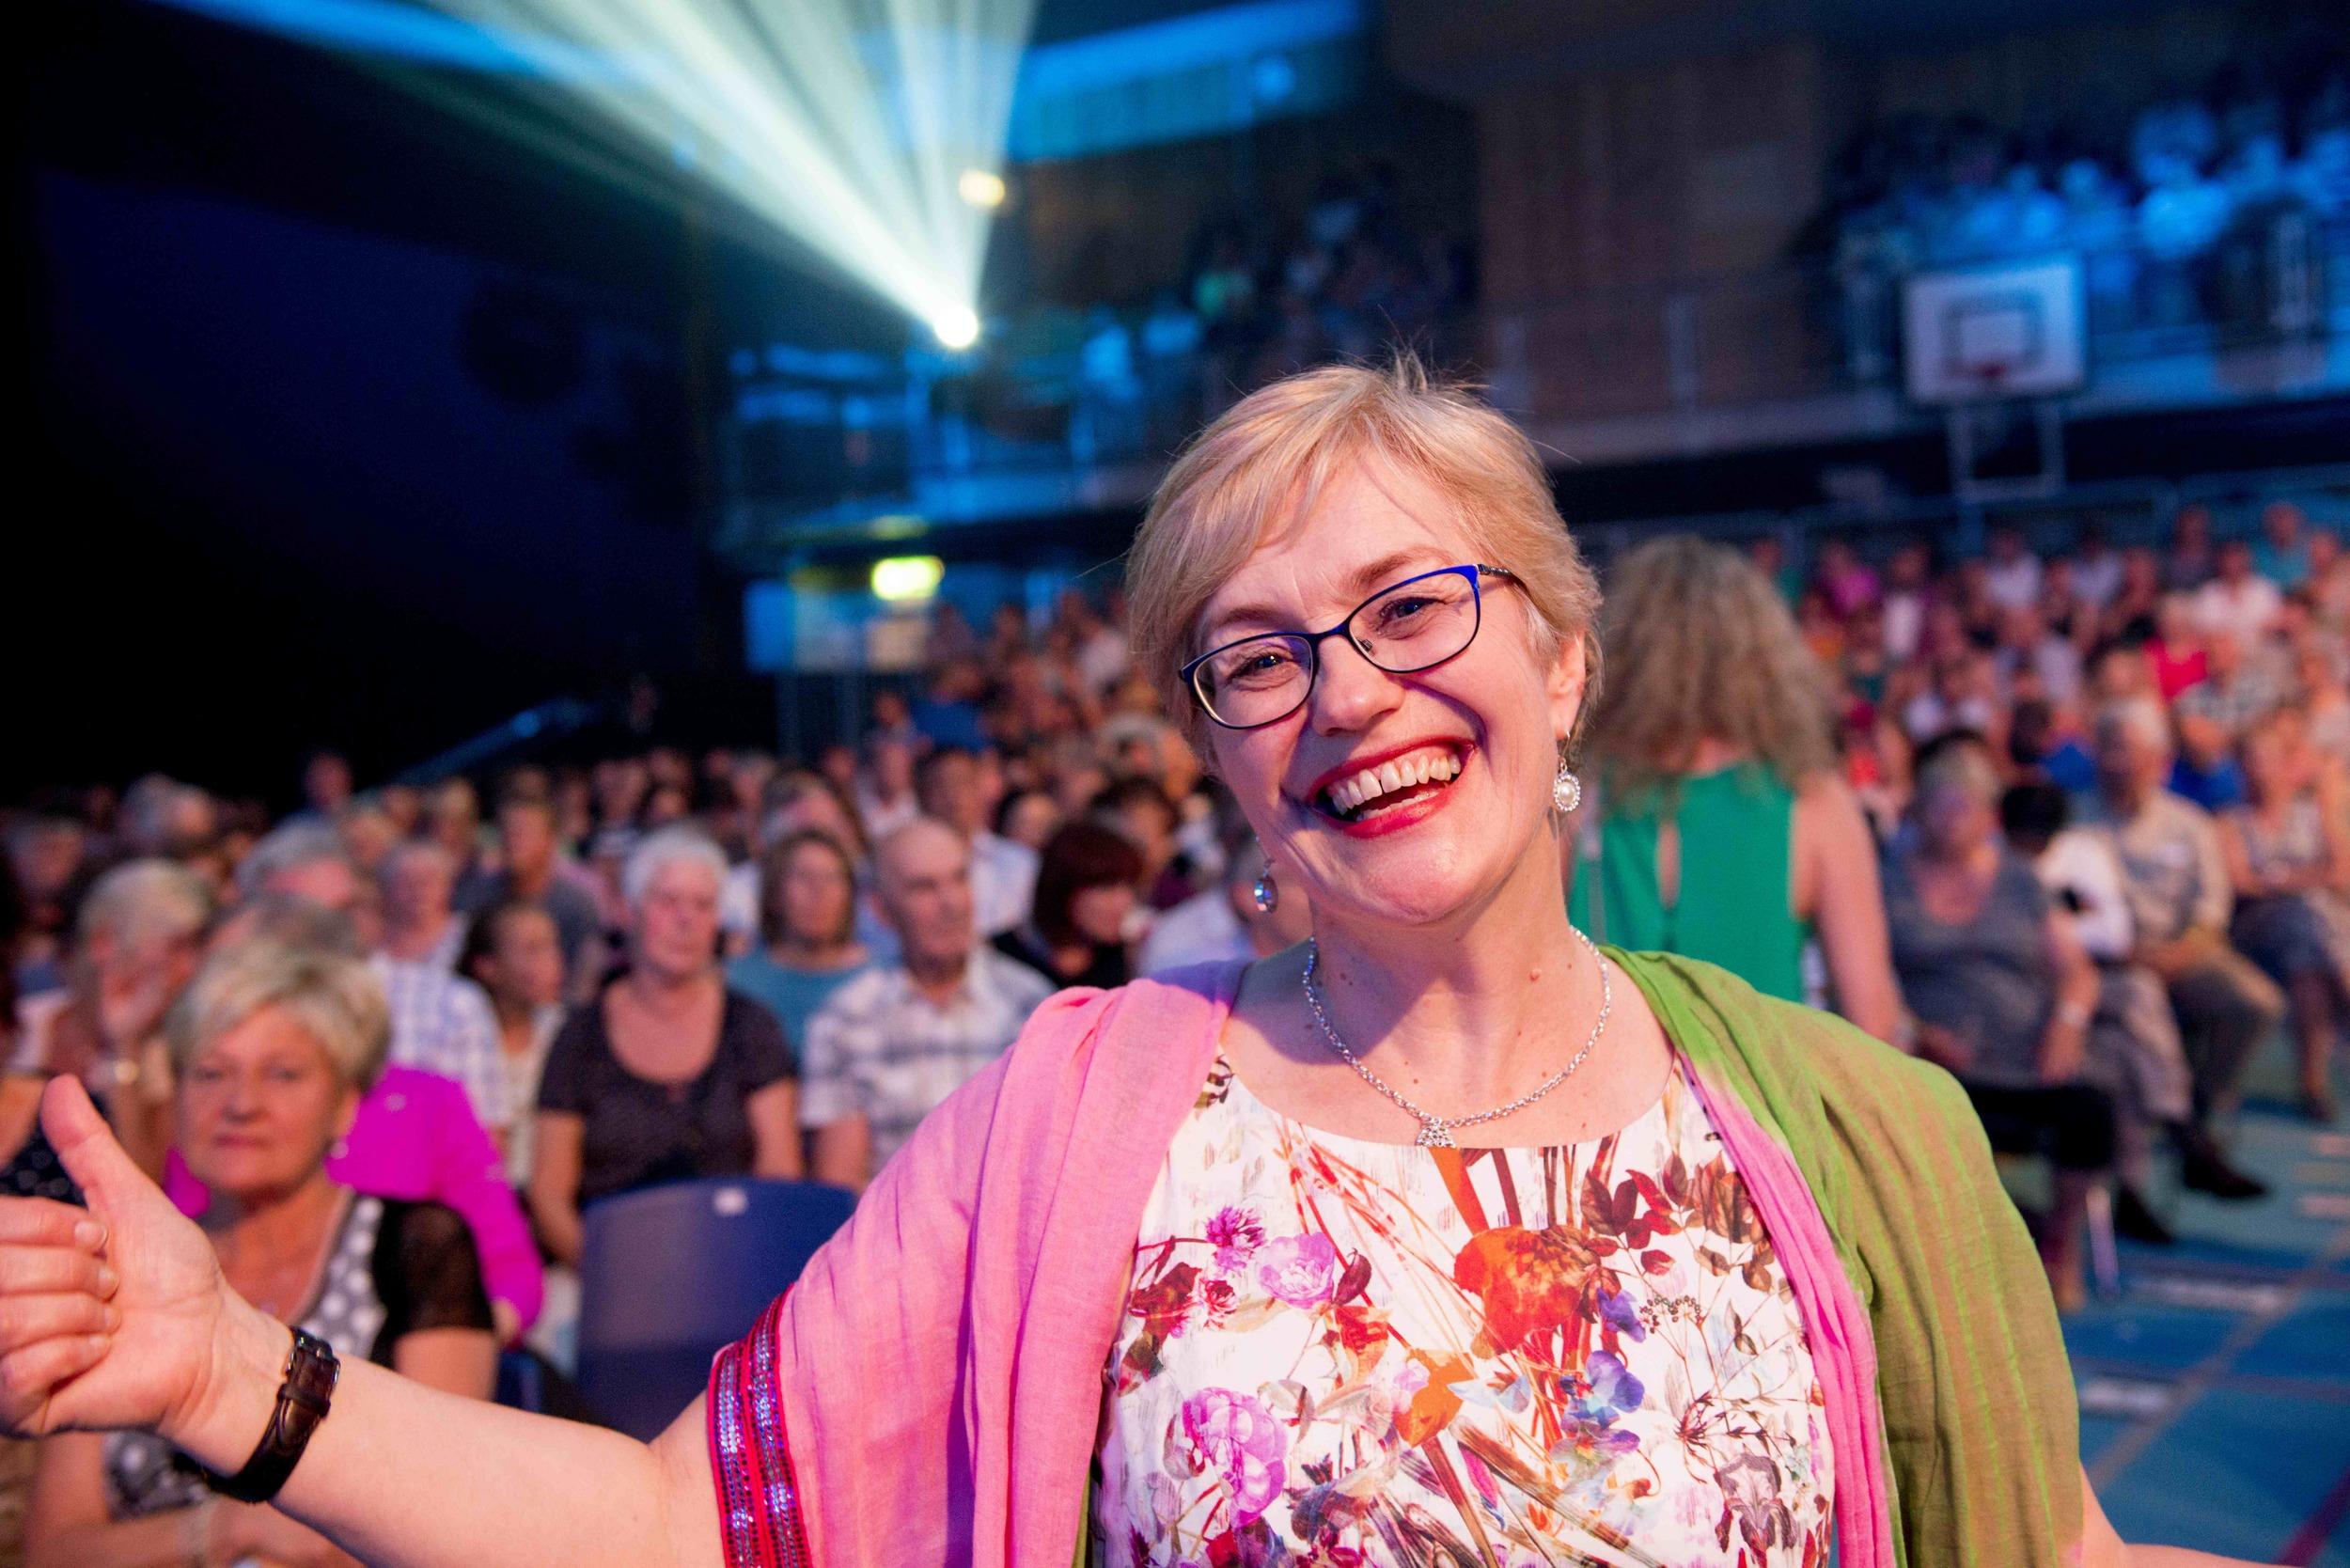 Festivaldirektør Hilde Bjørkum foto av Arve Ullebø.jpg